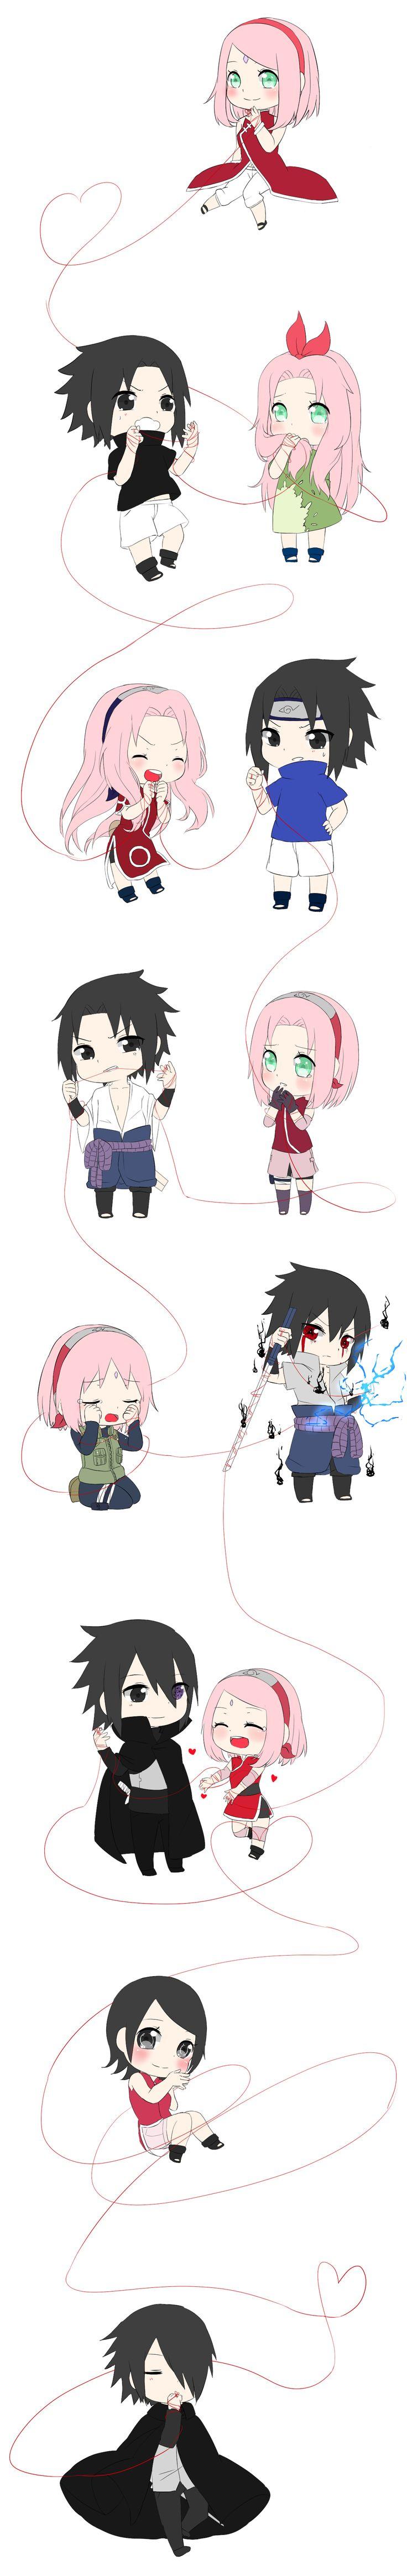 Not a Sasku+Sakura fan, but this art is so cute!